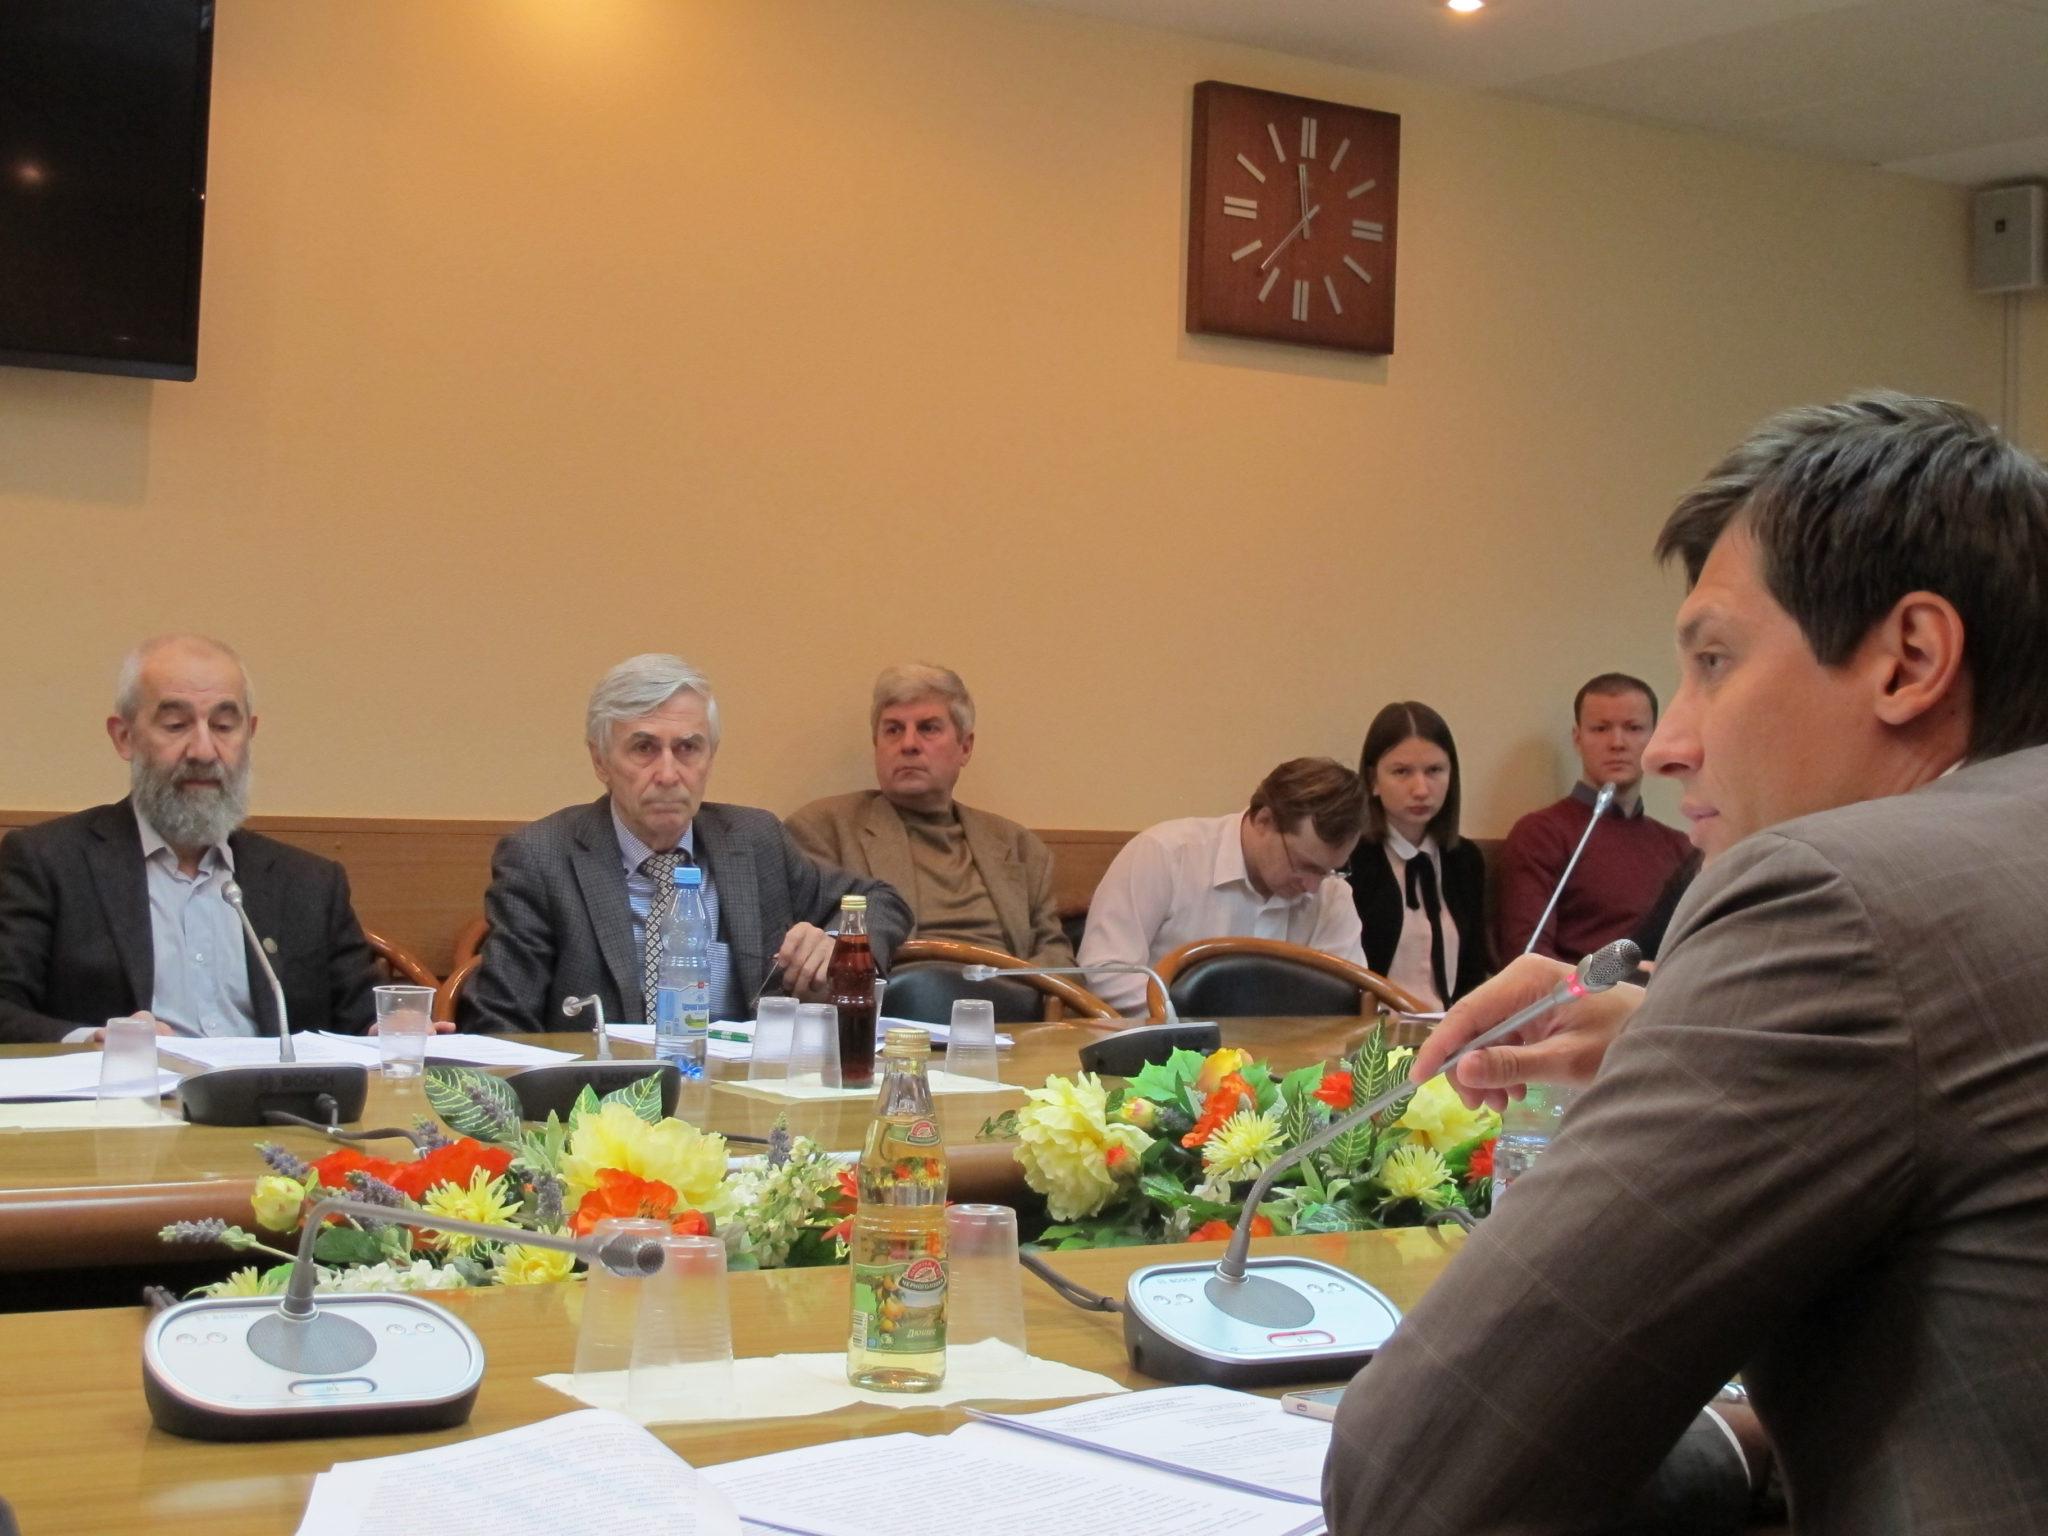 Комитет Госдумы по науке поддержал законопроект об отмене срока  Дм Гудков и ученые пришедшие поддержать закон